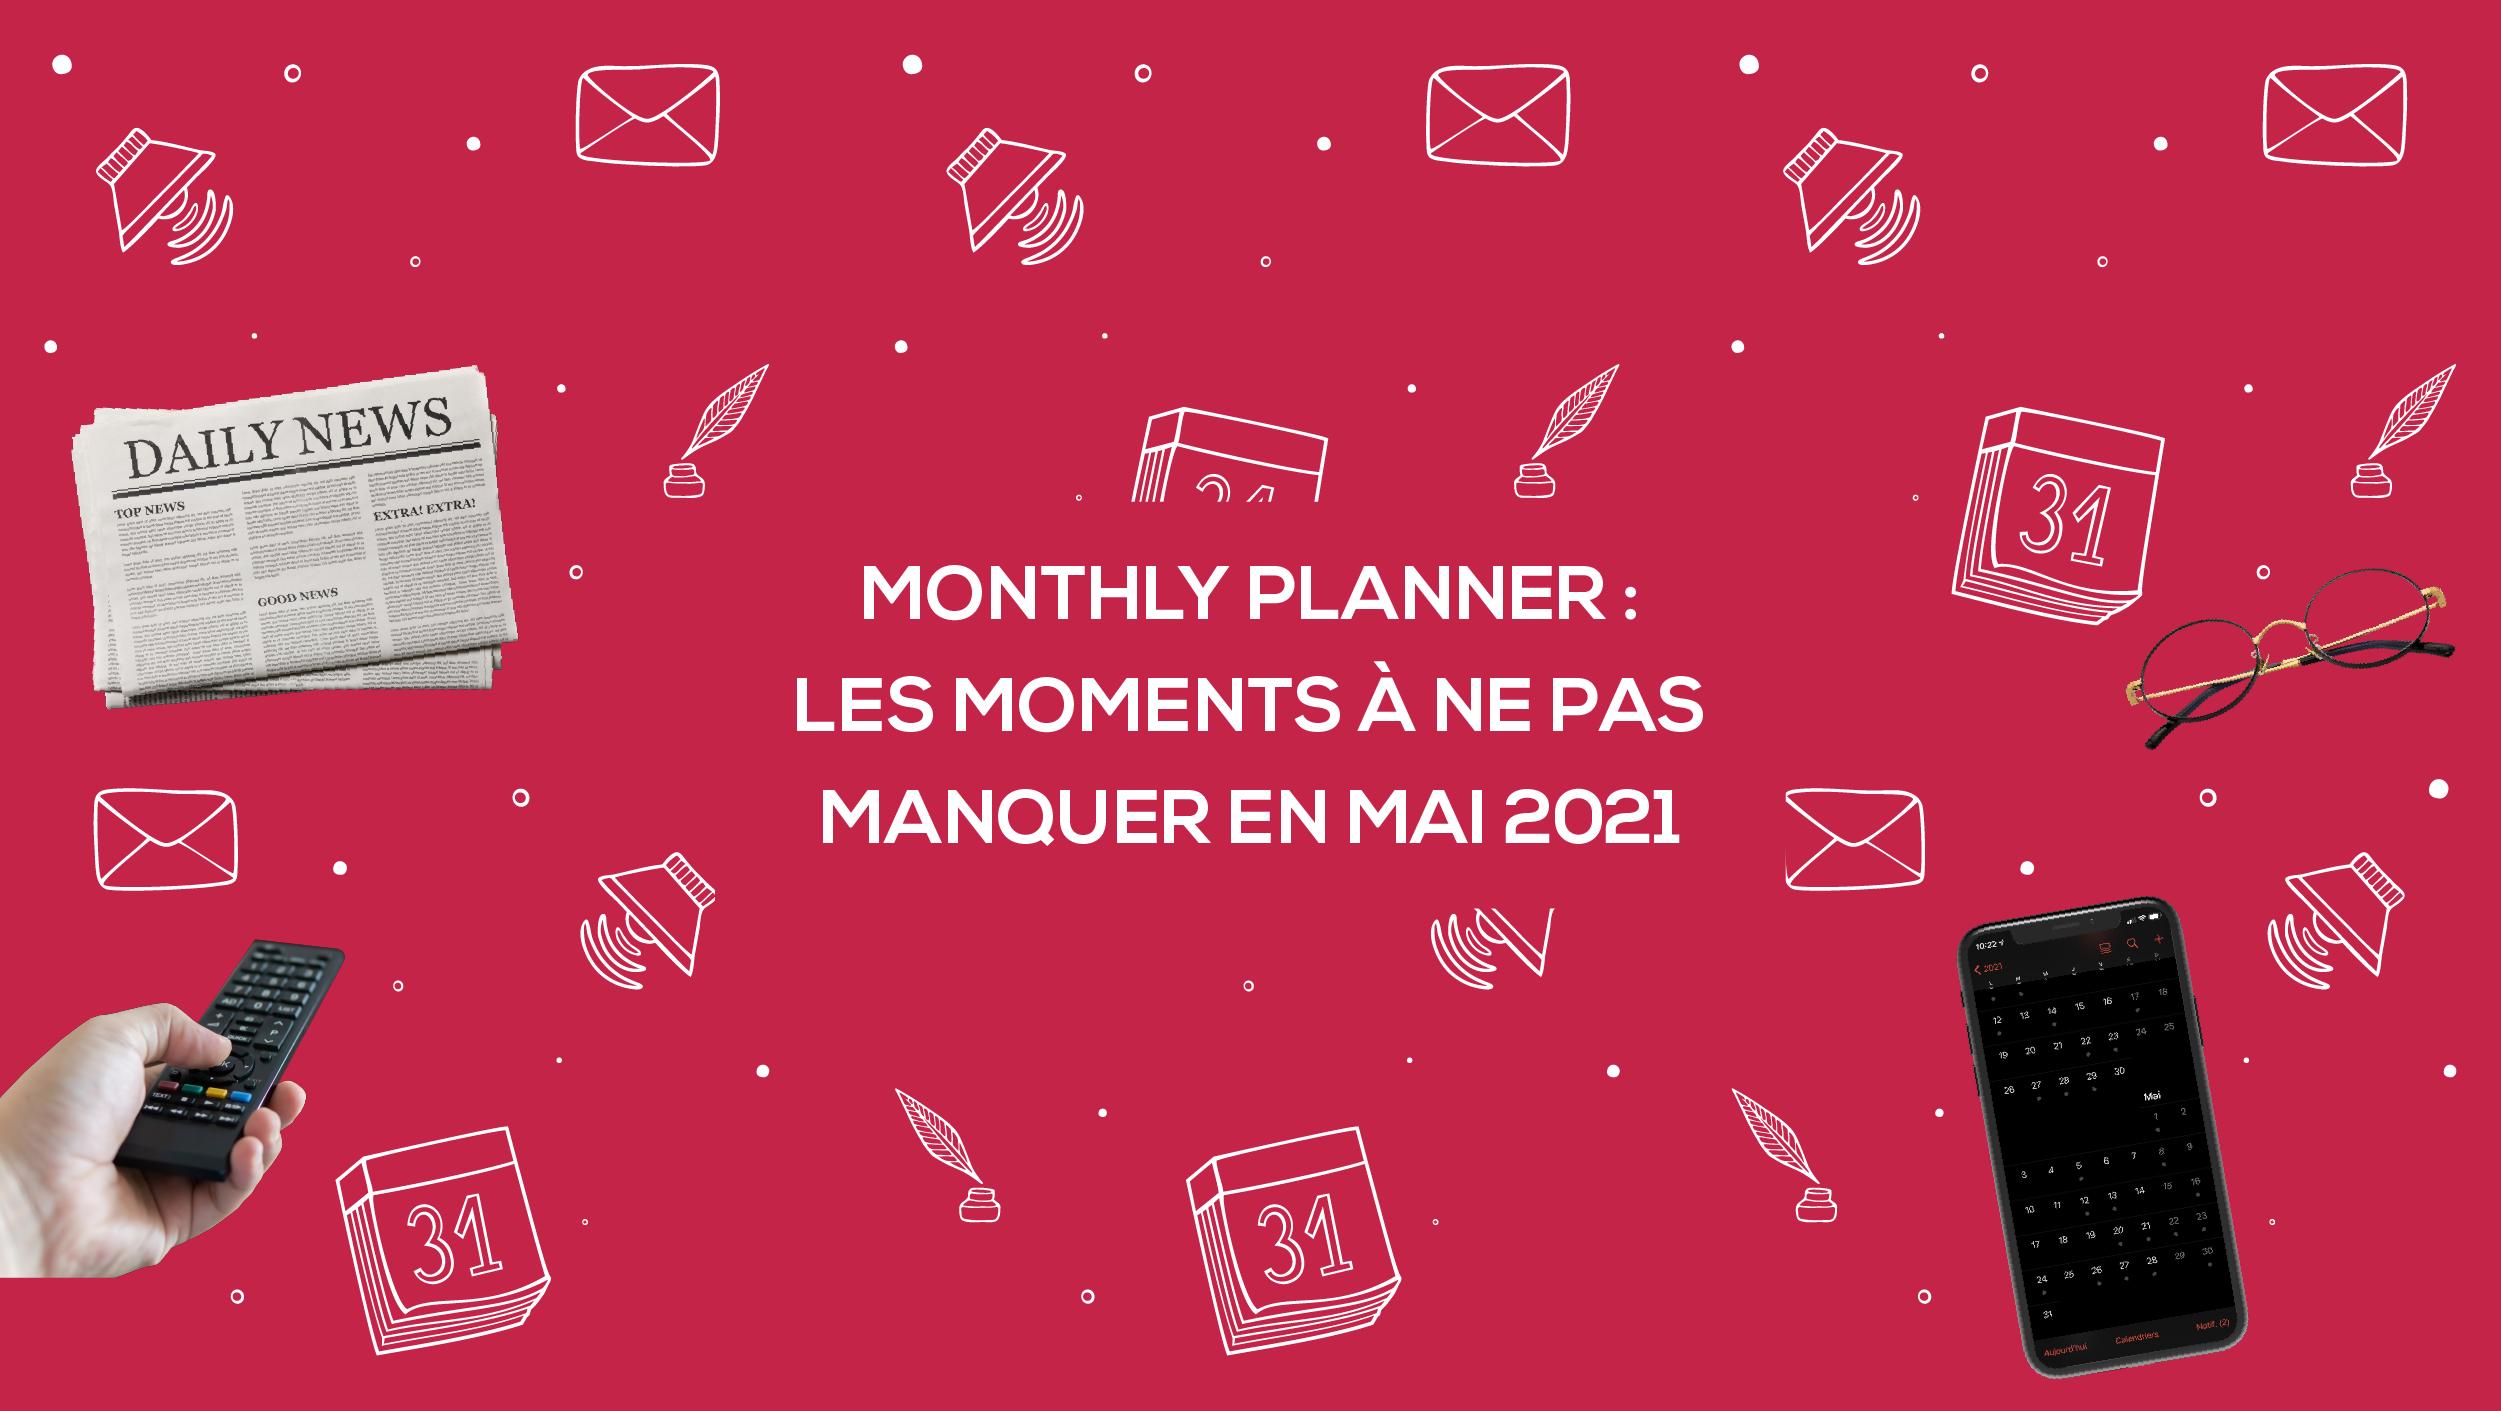 Monthly Planner : les moments à ne pas manquer en mai 2021